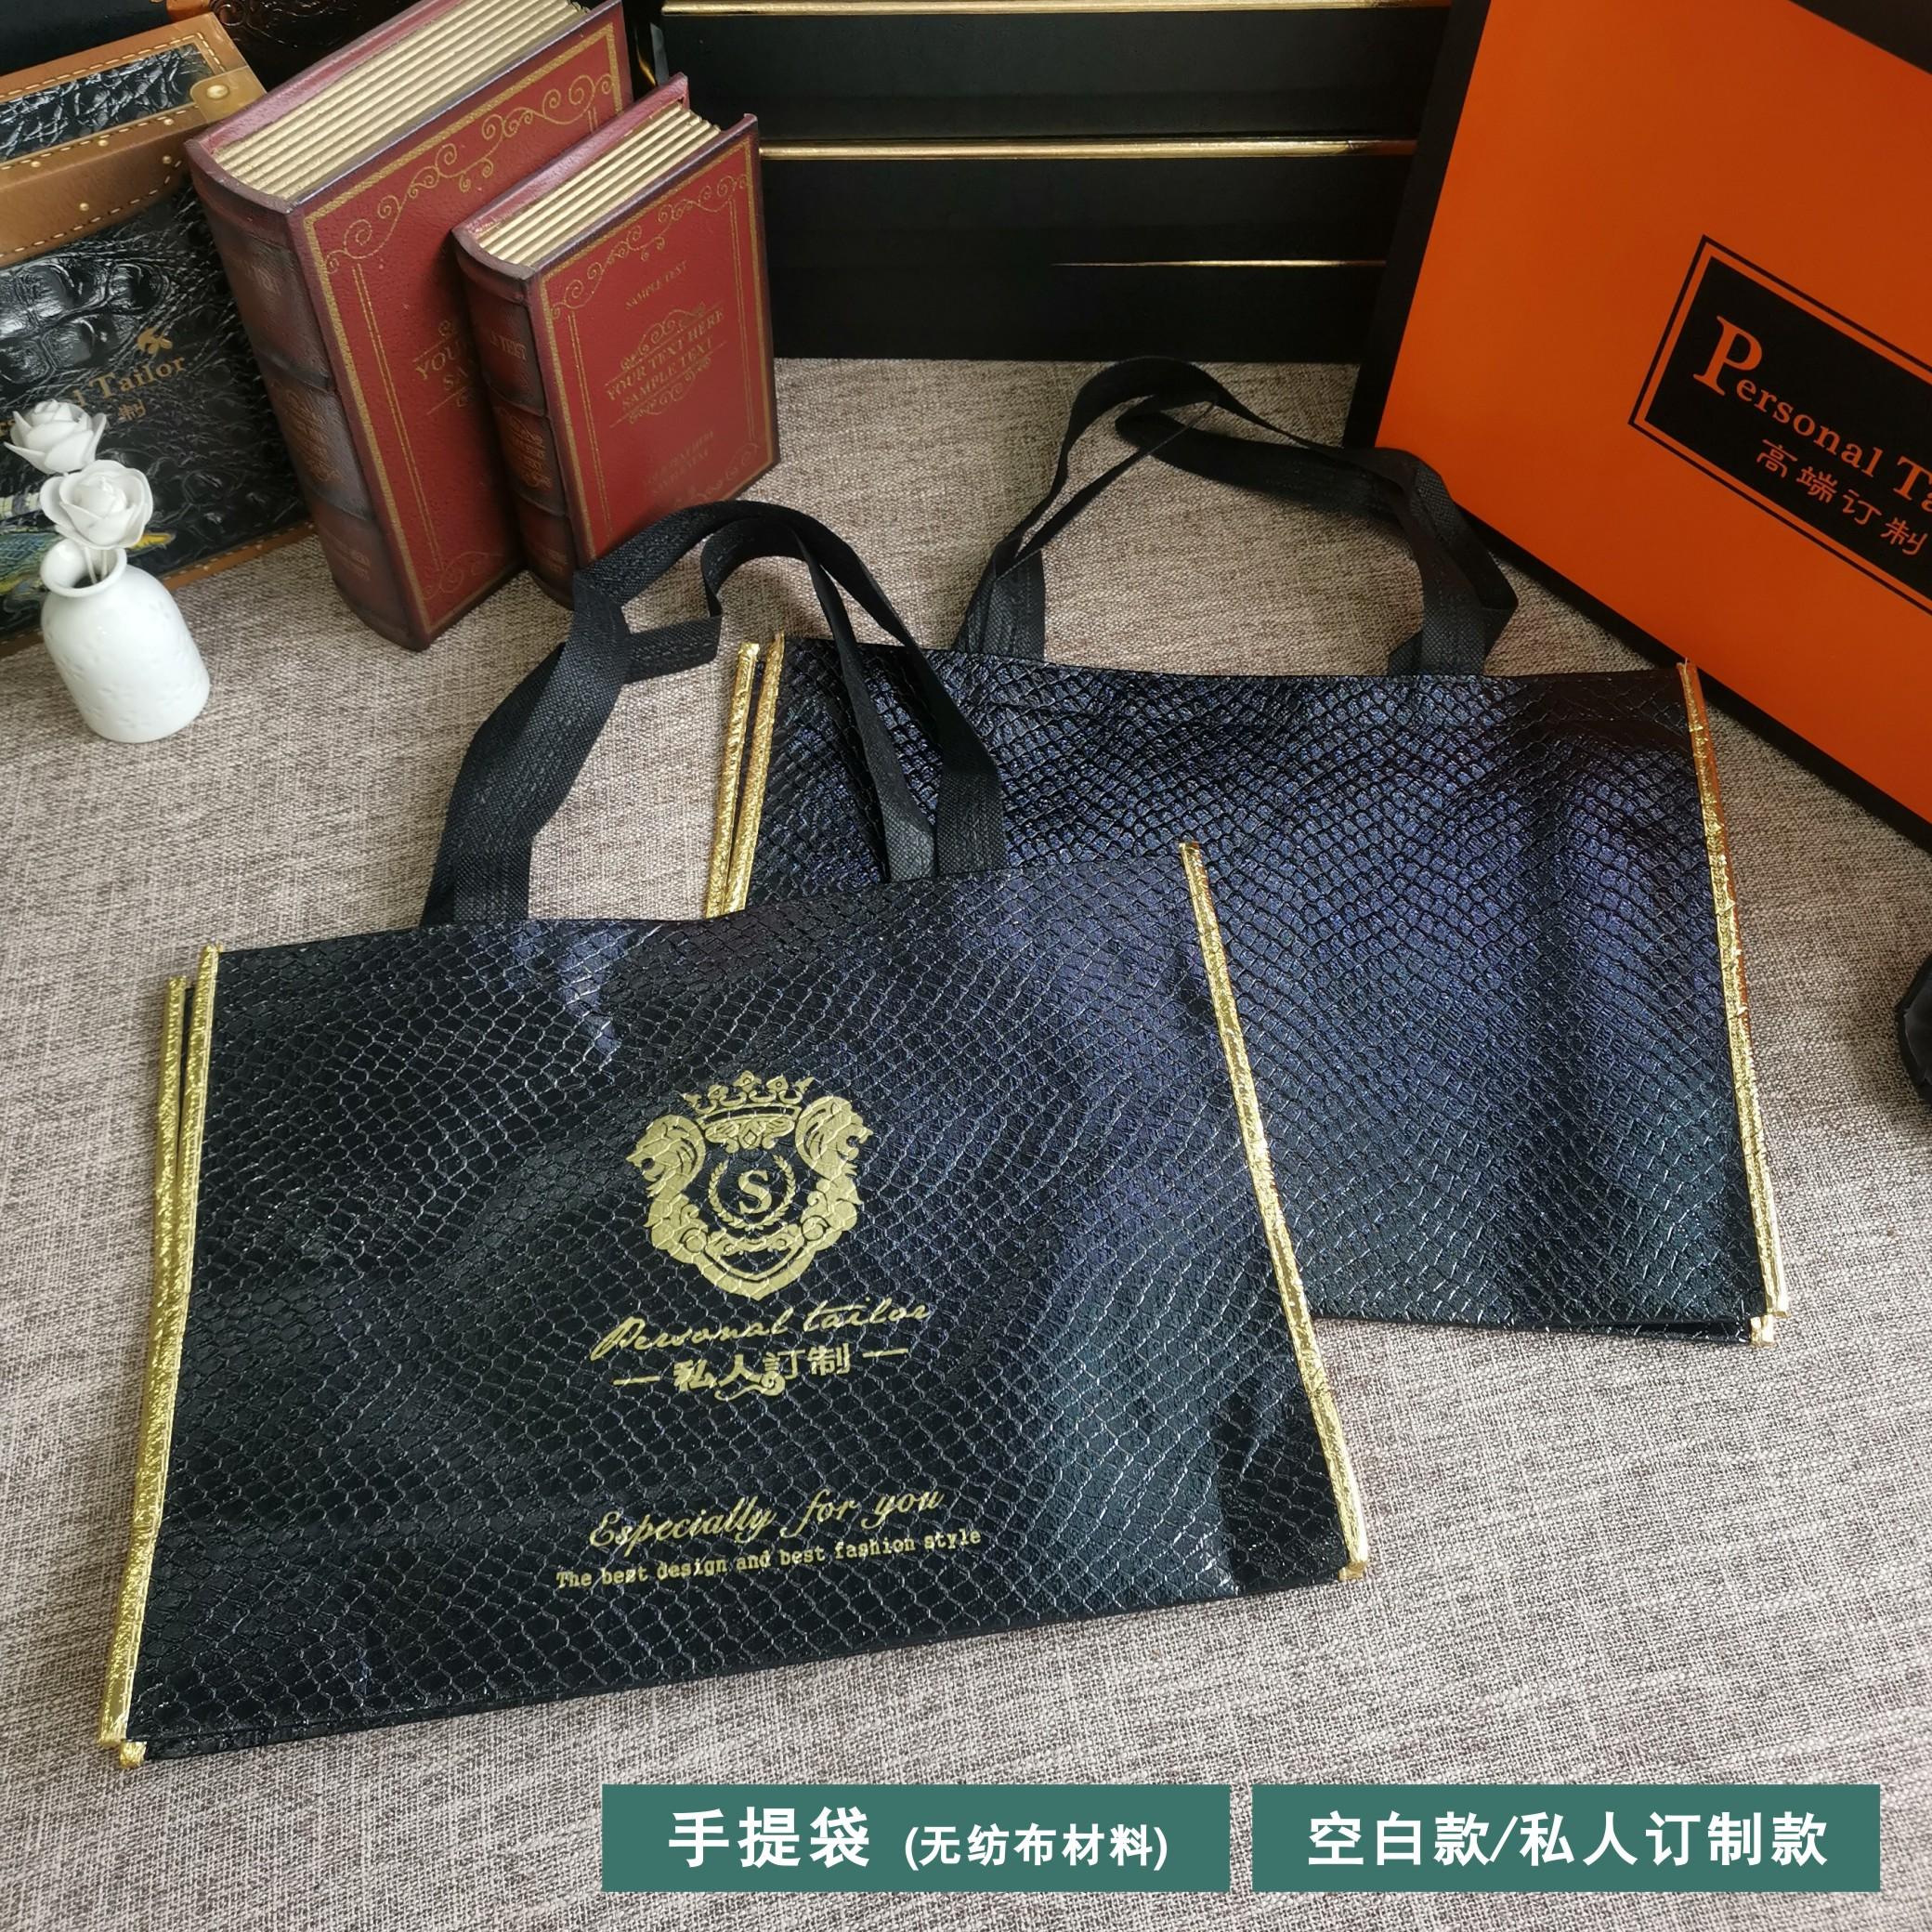 现货黑色鳄鱼纹手包钱包PU翻盖木盒订制皮具生日礼品包装盒订做